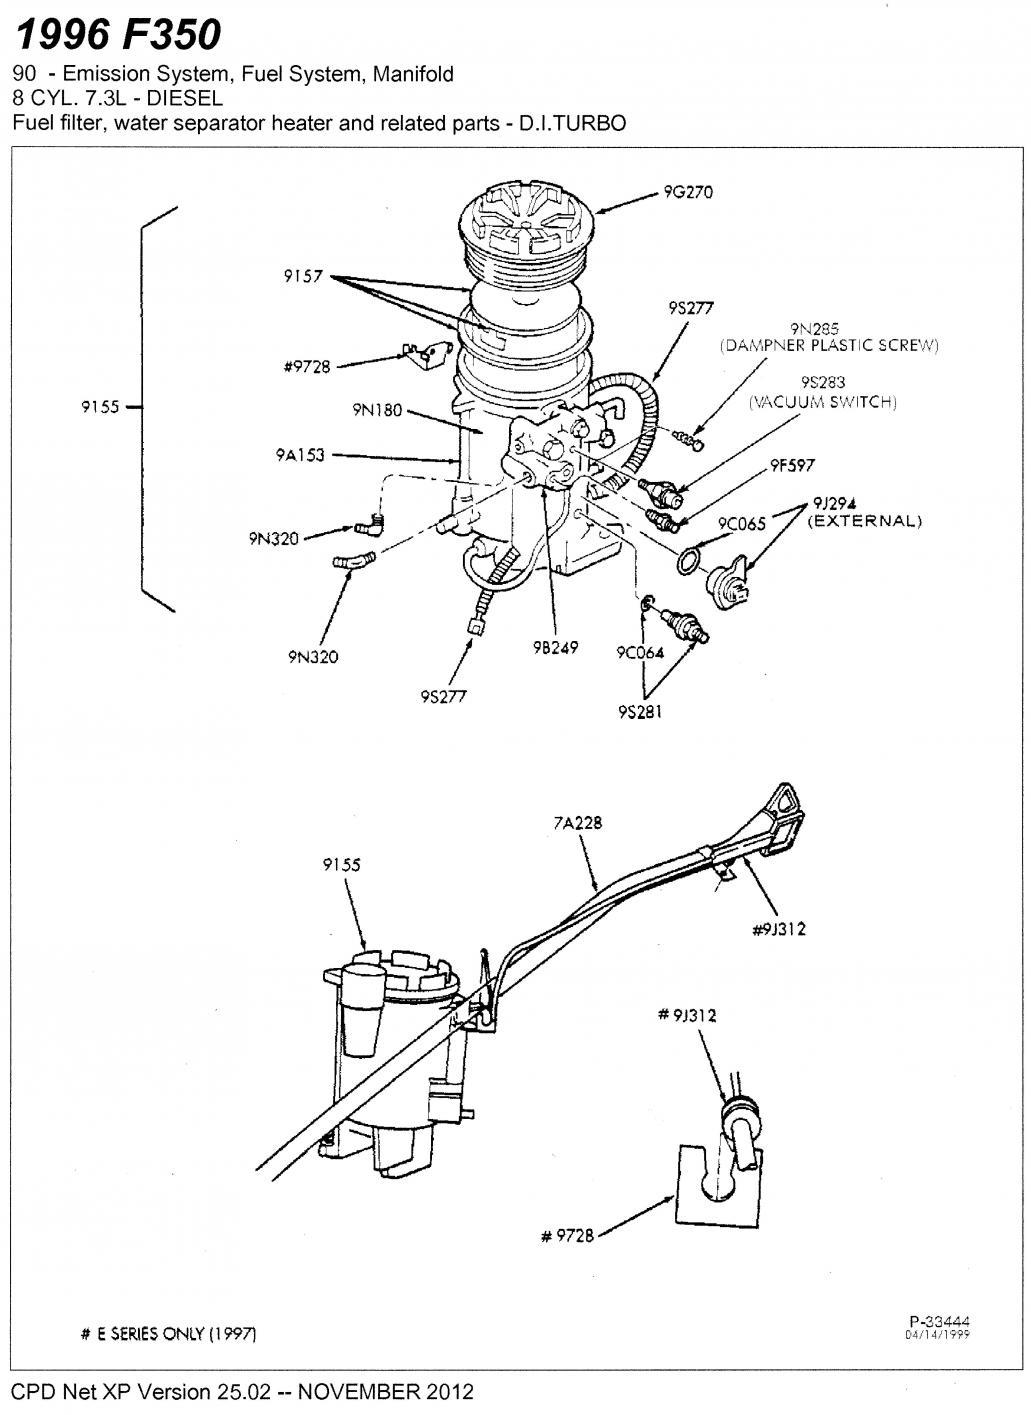 6 7 powerstroke fuel filter location